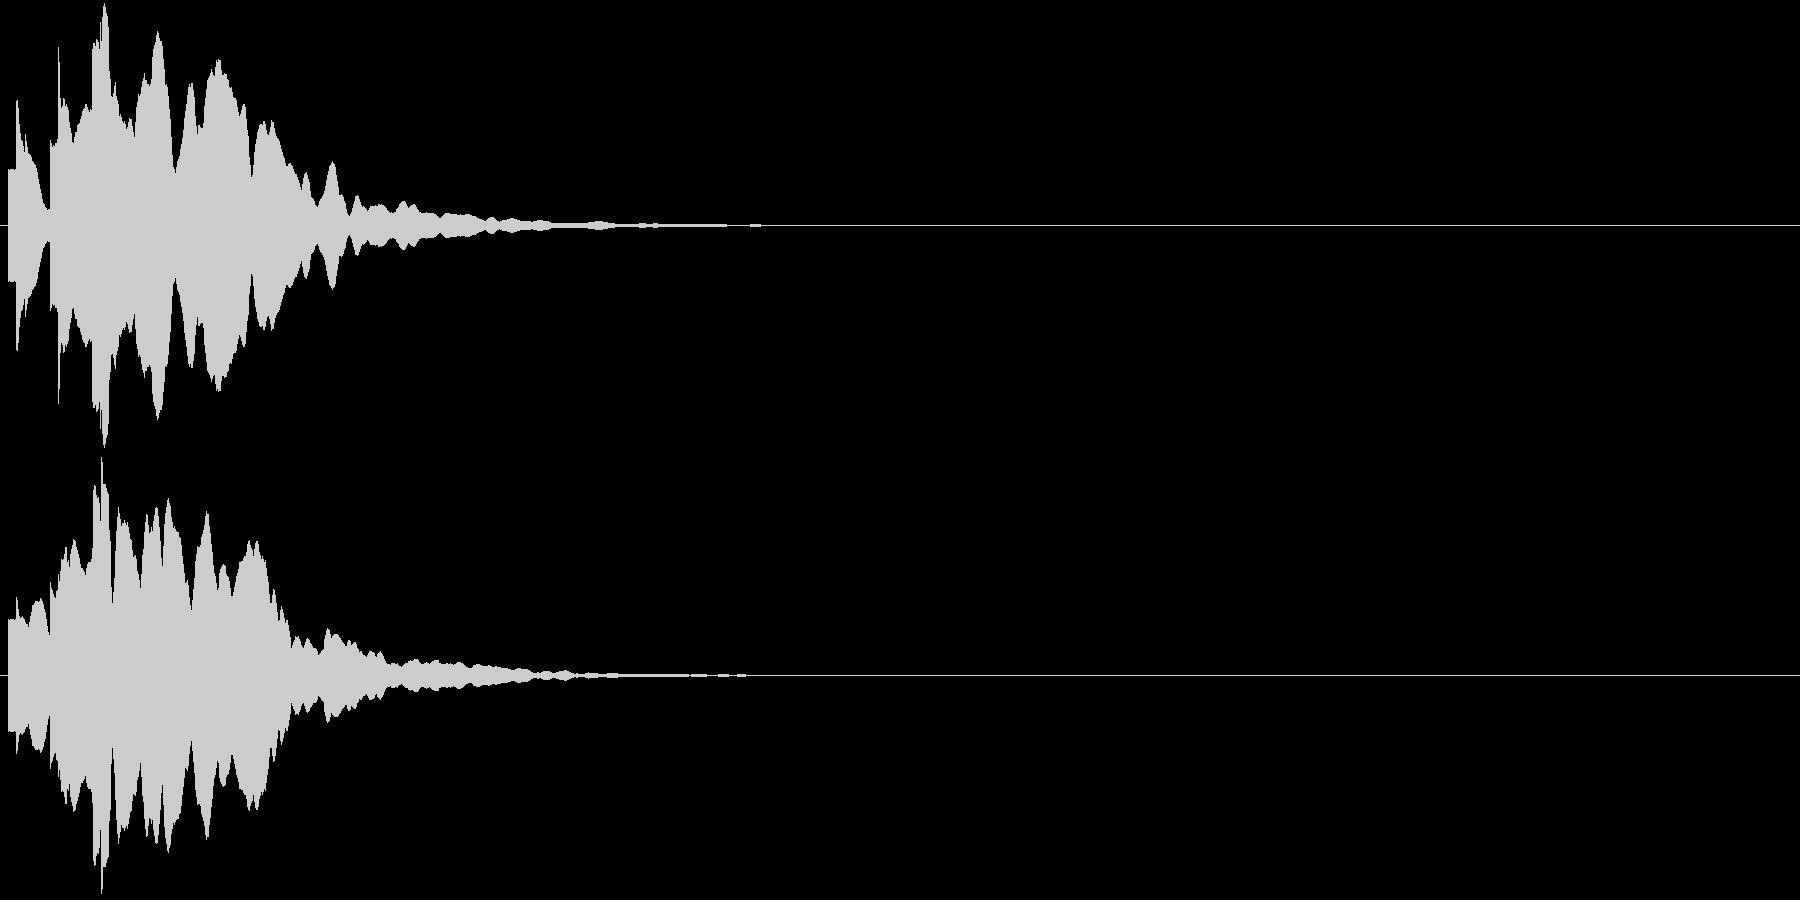 ひらめき 獲得 ゲット 入手 キラリン2の未再生の波形